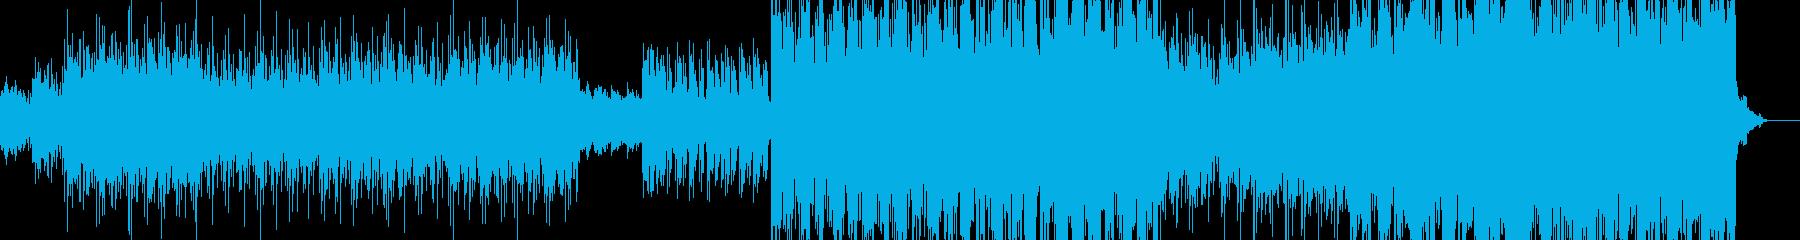 エスニック風エレクトロポップの再生済みの波形